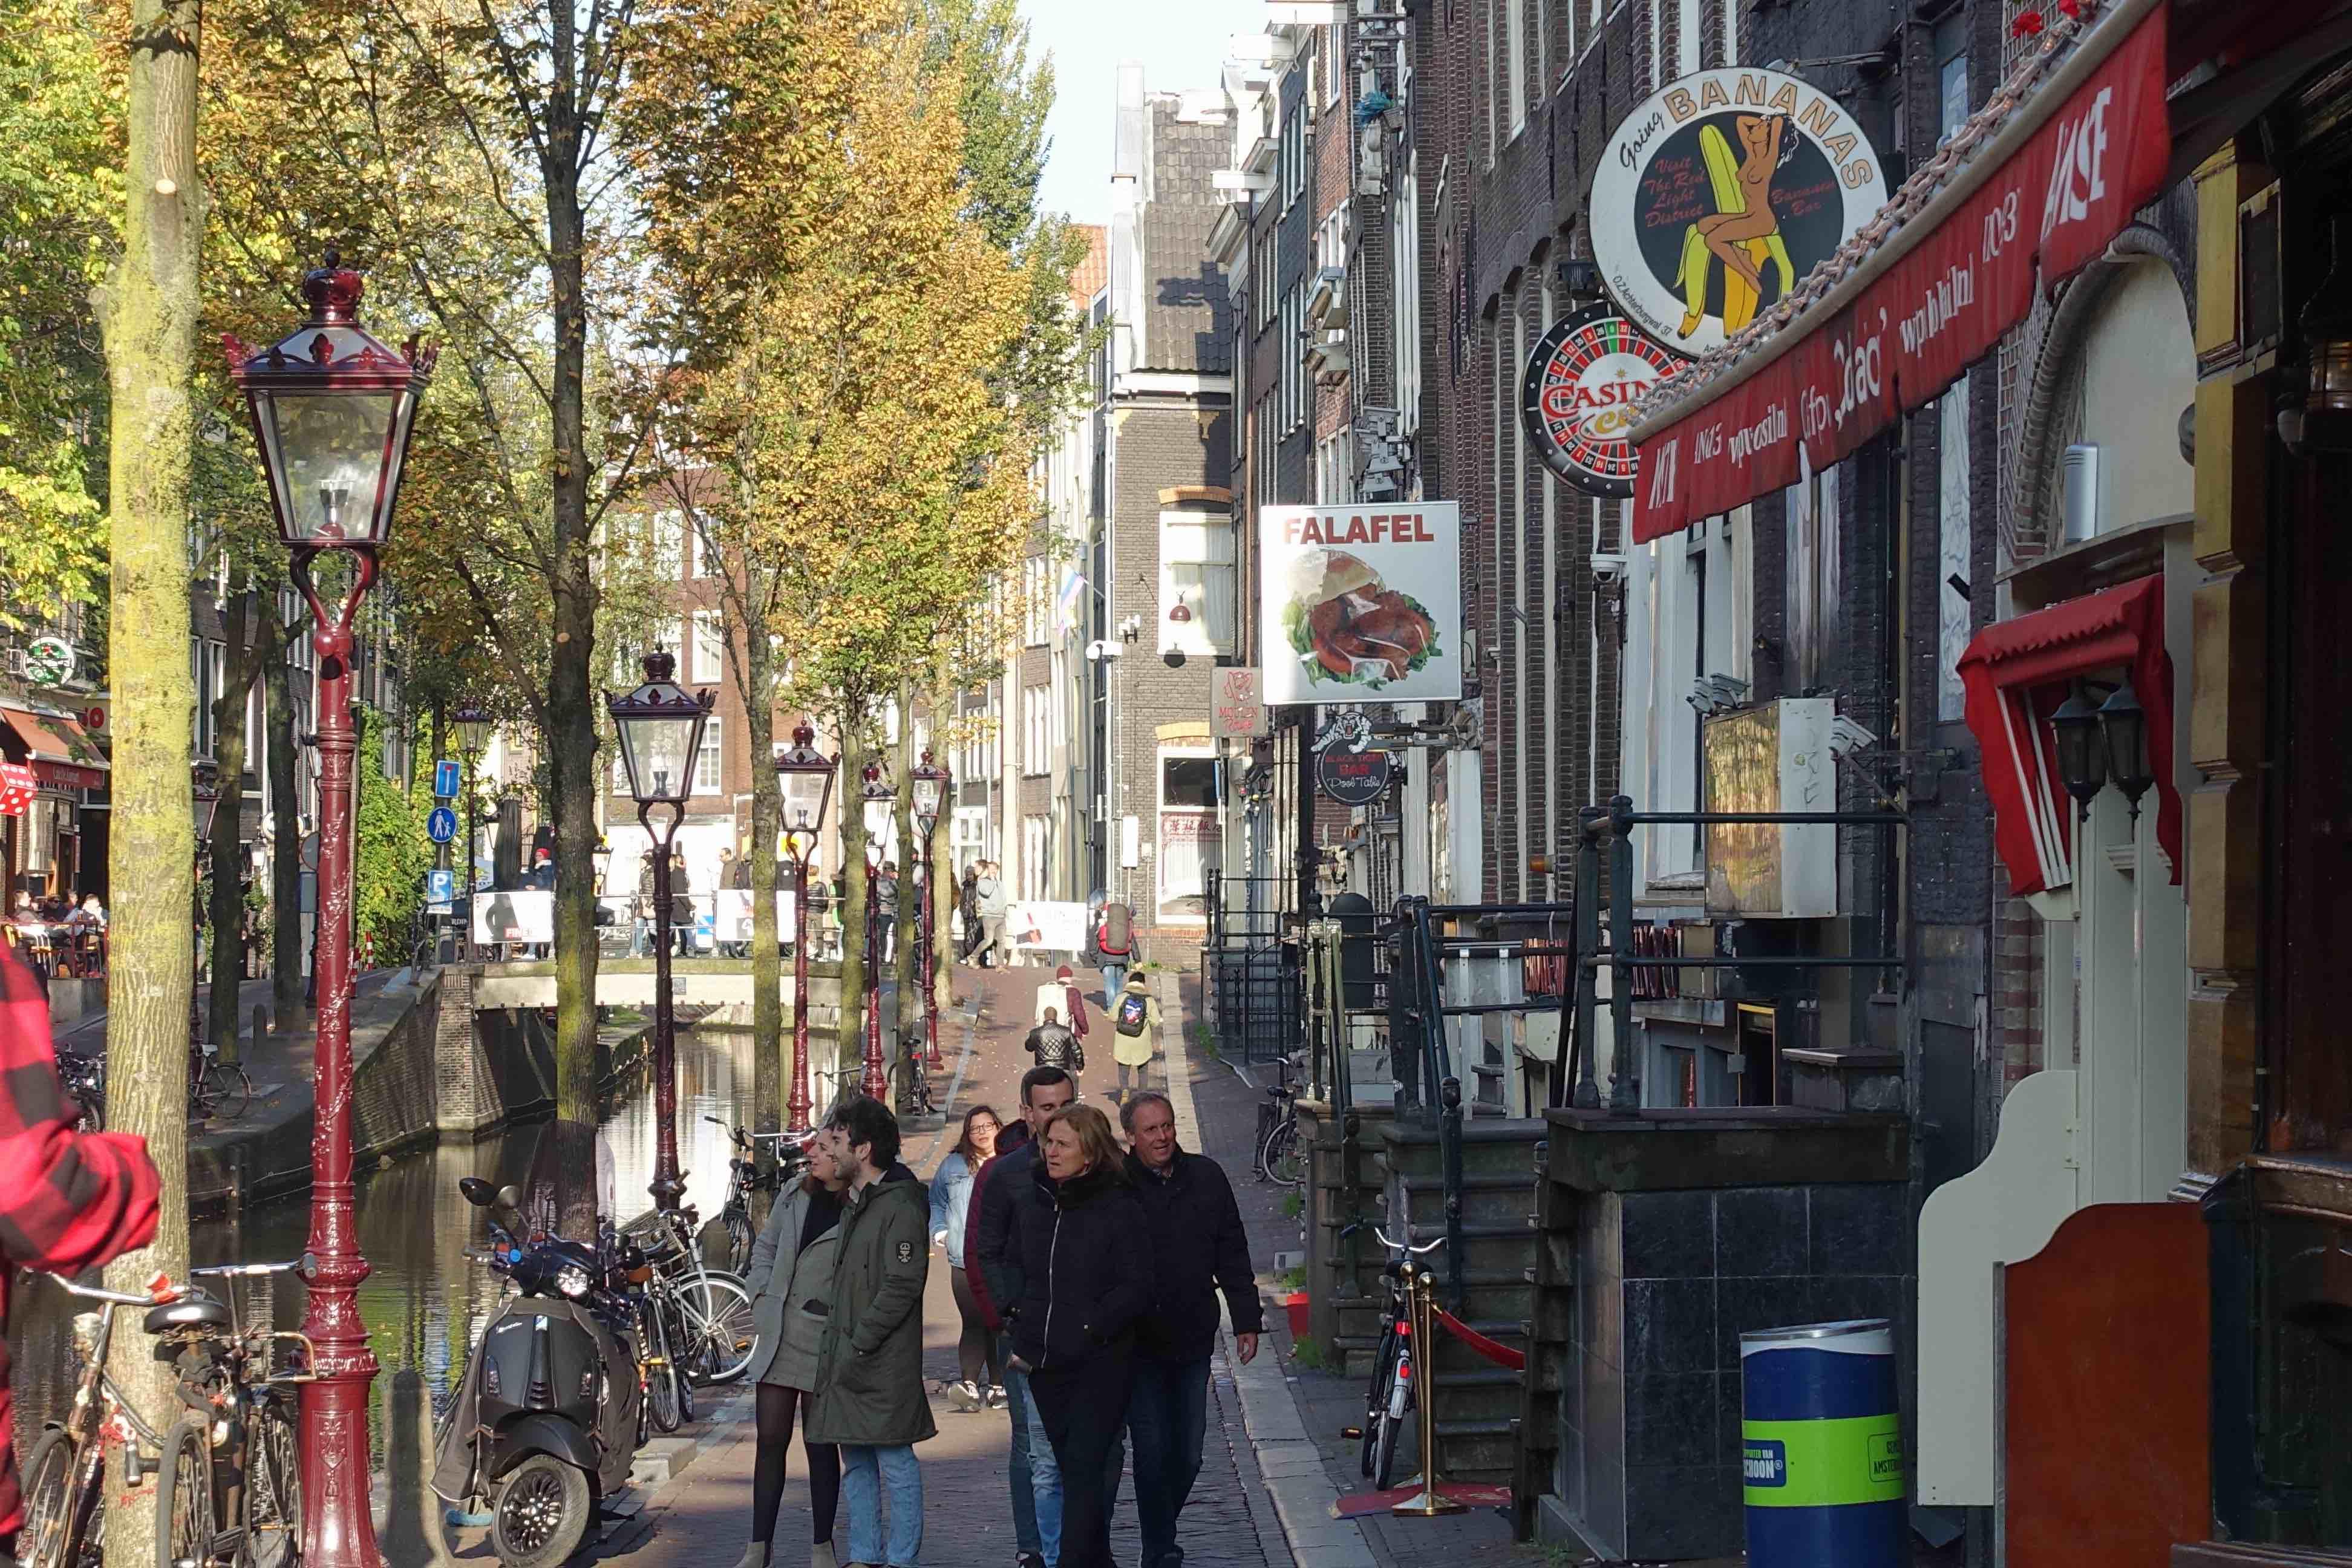 オランダ政府観光局、観光戦略の転換で日本支局を閉鎖、ベルギー・フランダース政府観光局は単独で継続